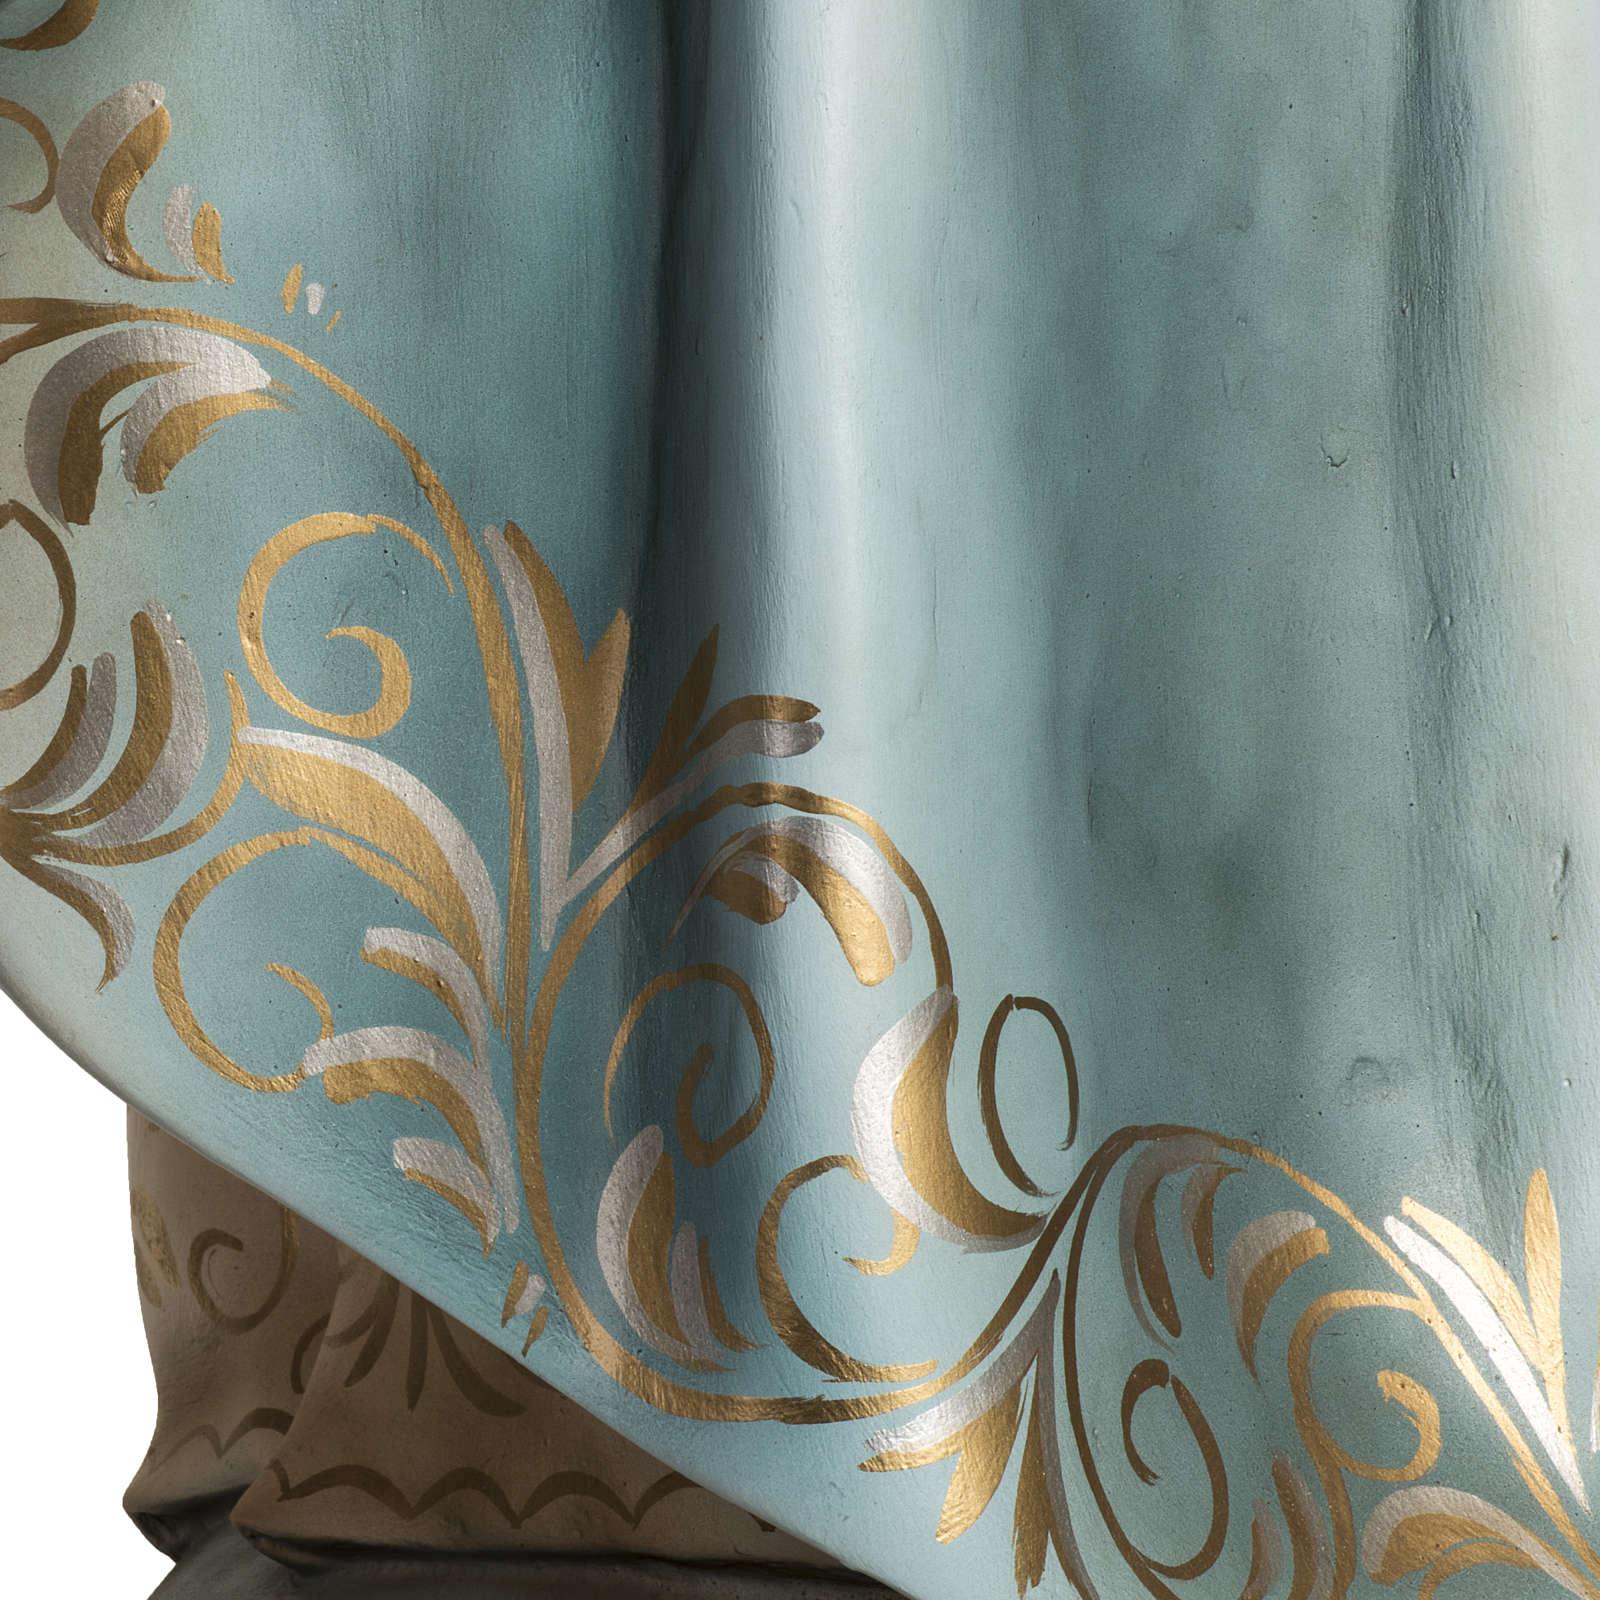 Miracolosa cm 100 pasta di legno occhi cristallo dec. elegante 4